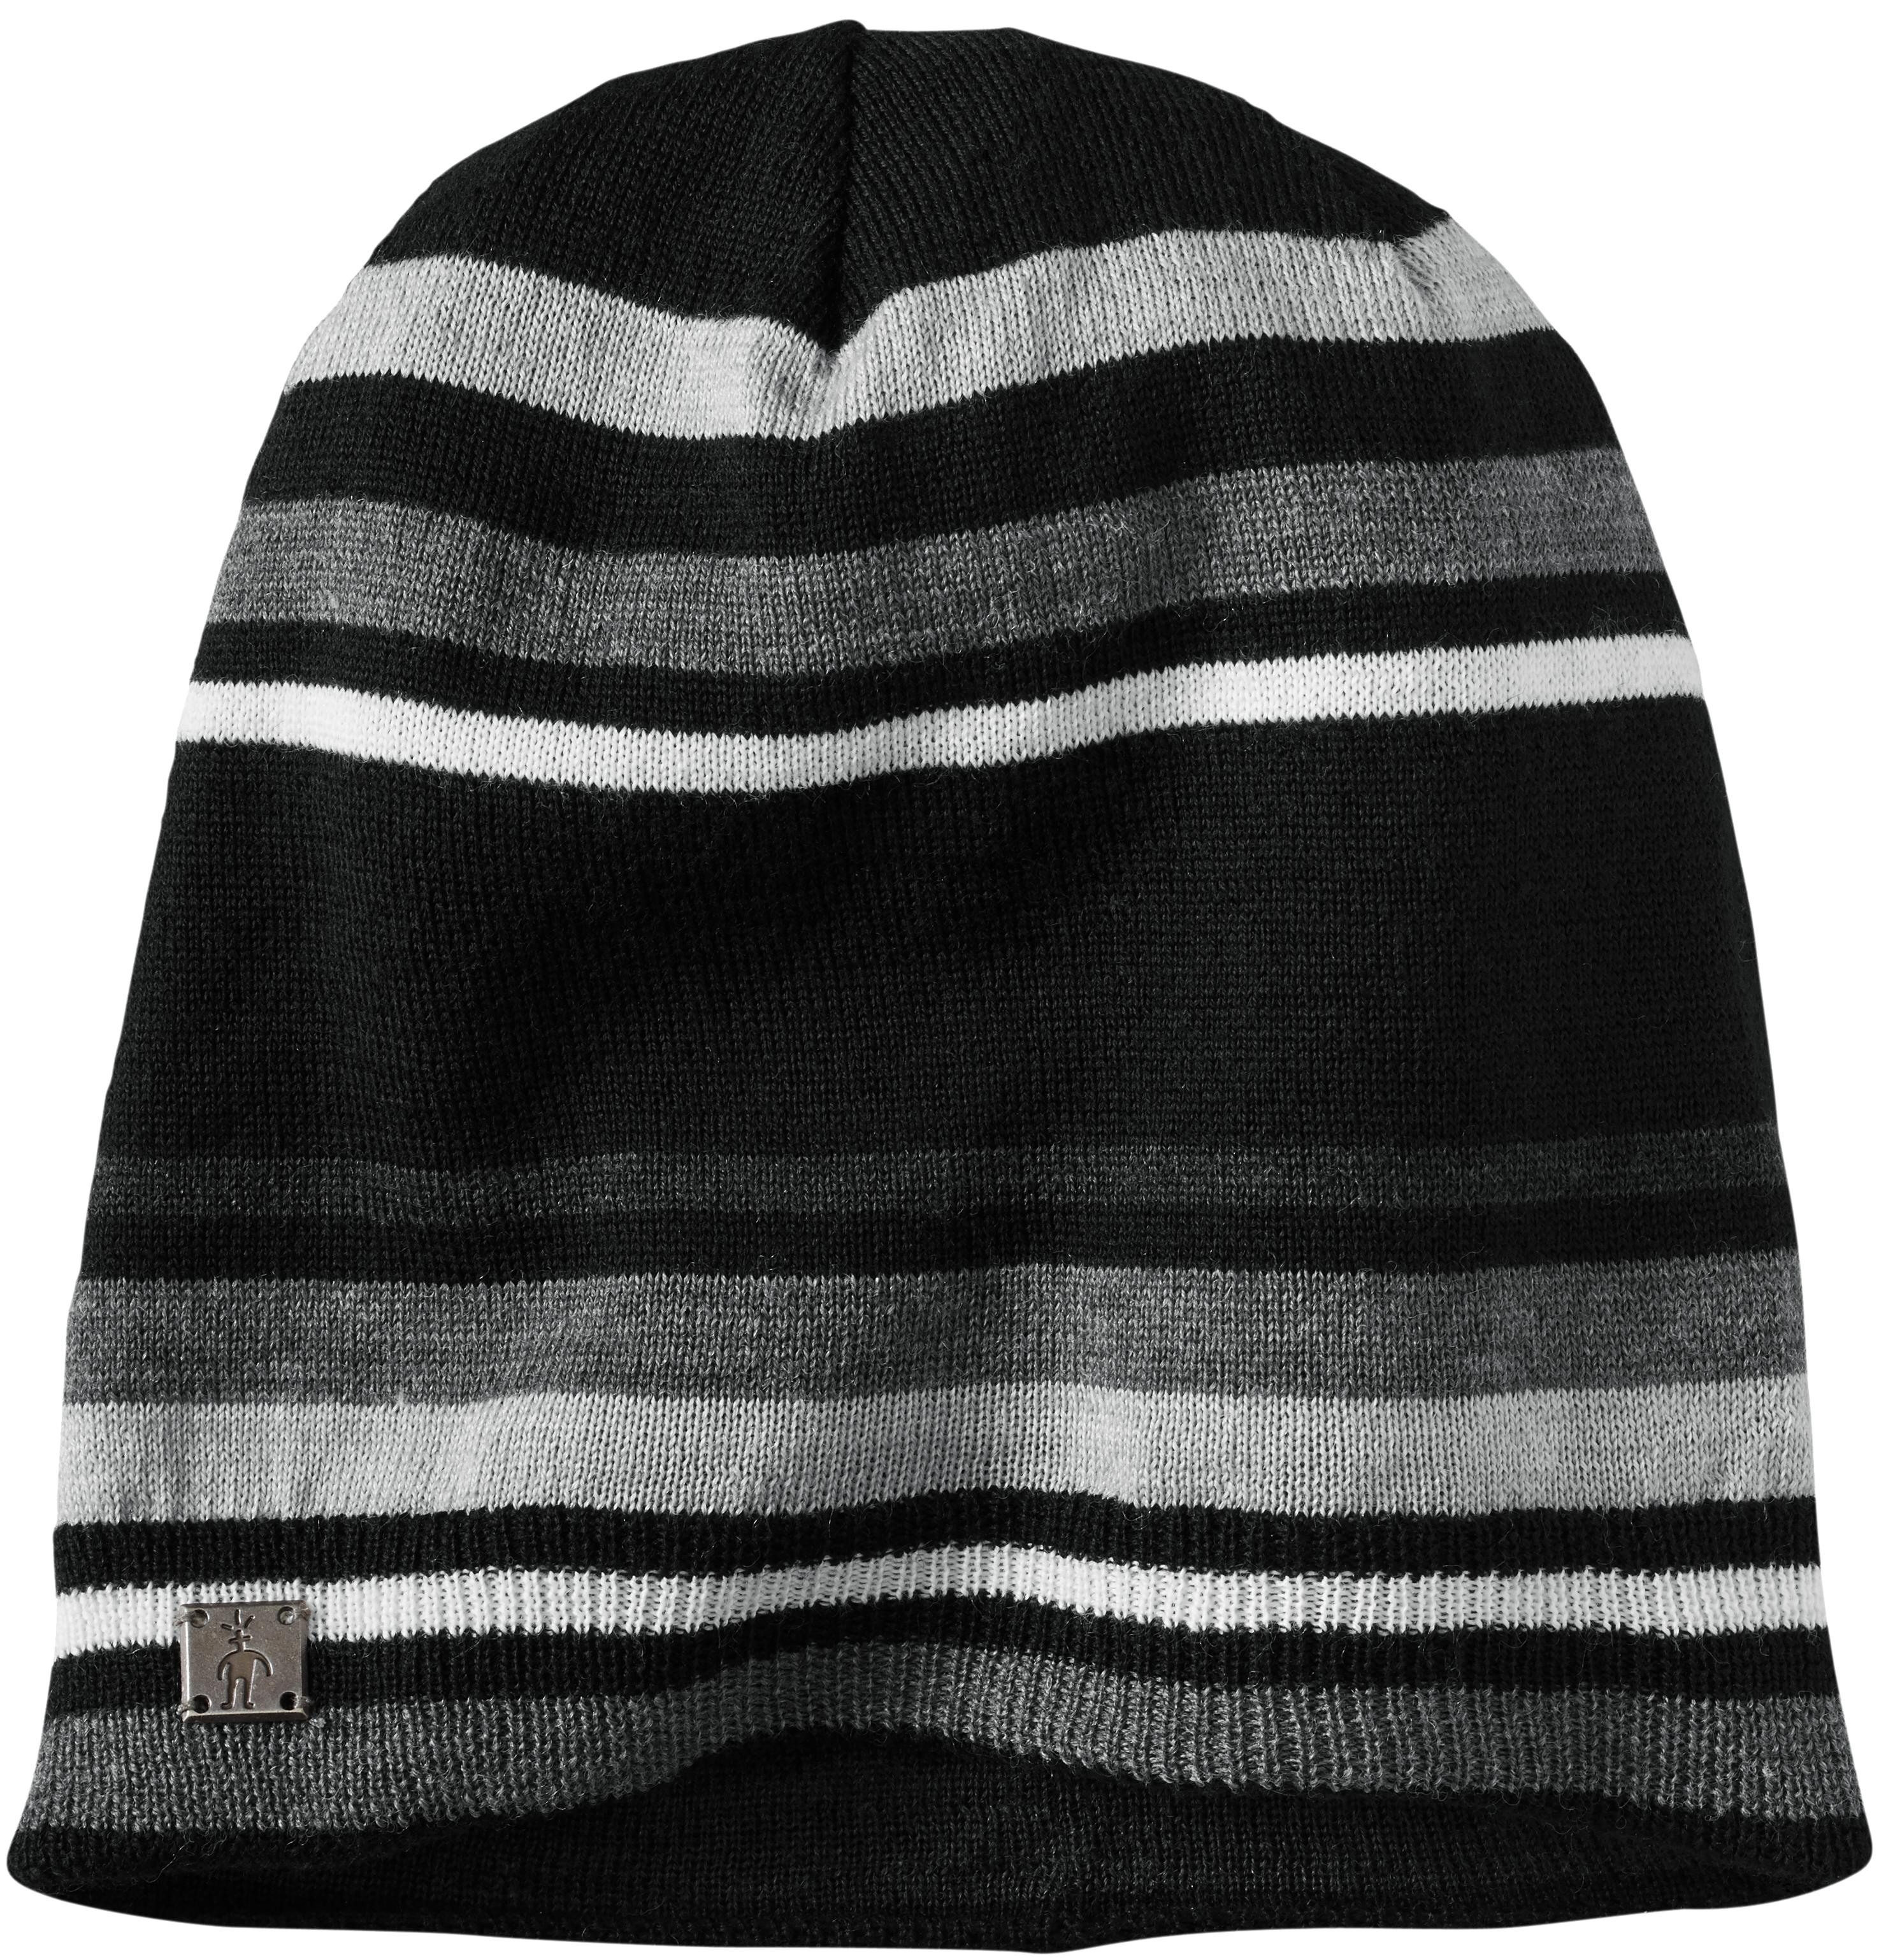 Smartwool Nokoni Slouch Hat - Women s 083525df5f58